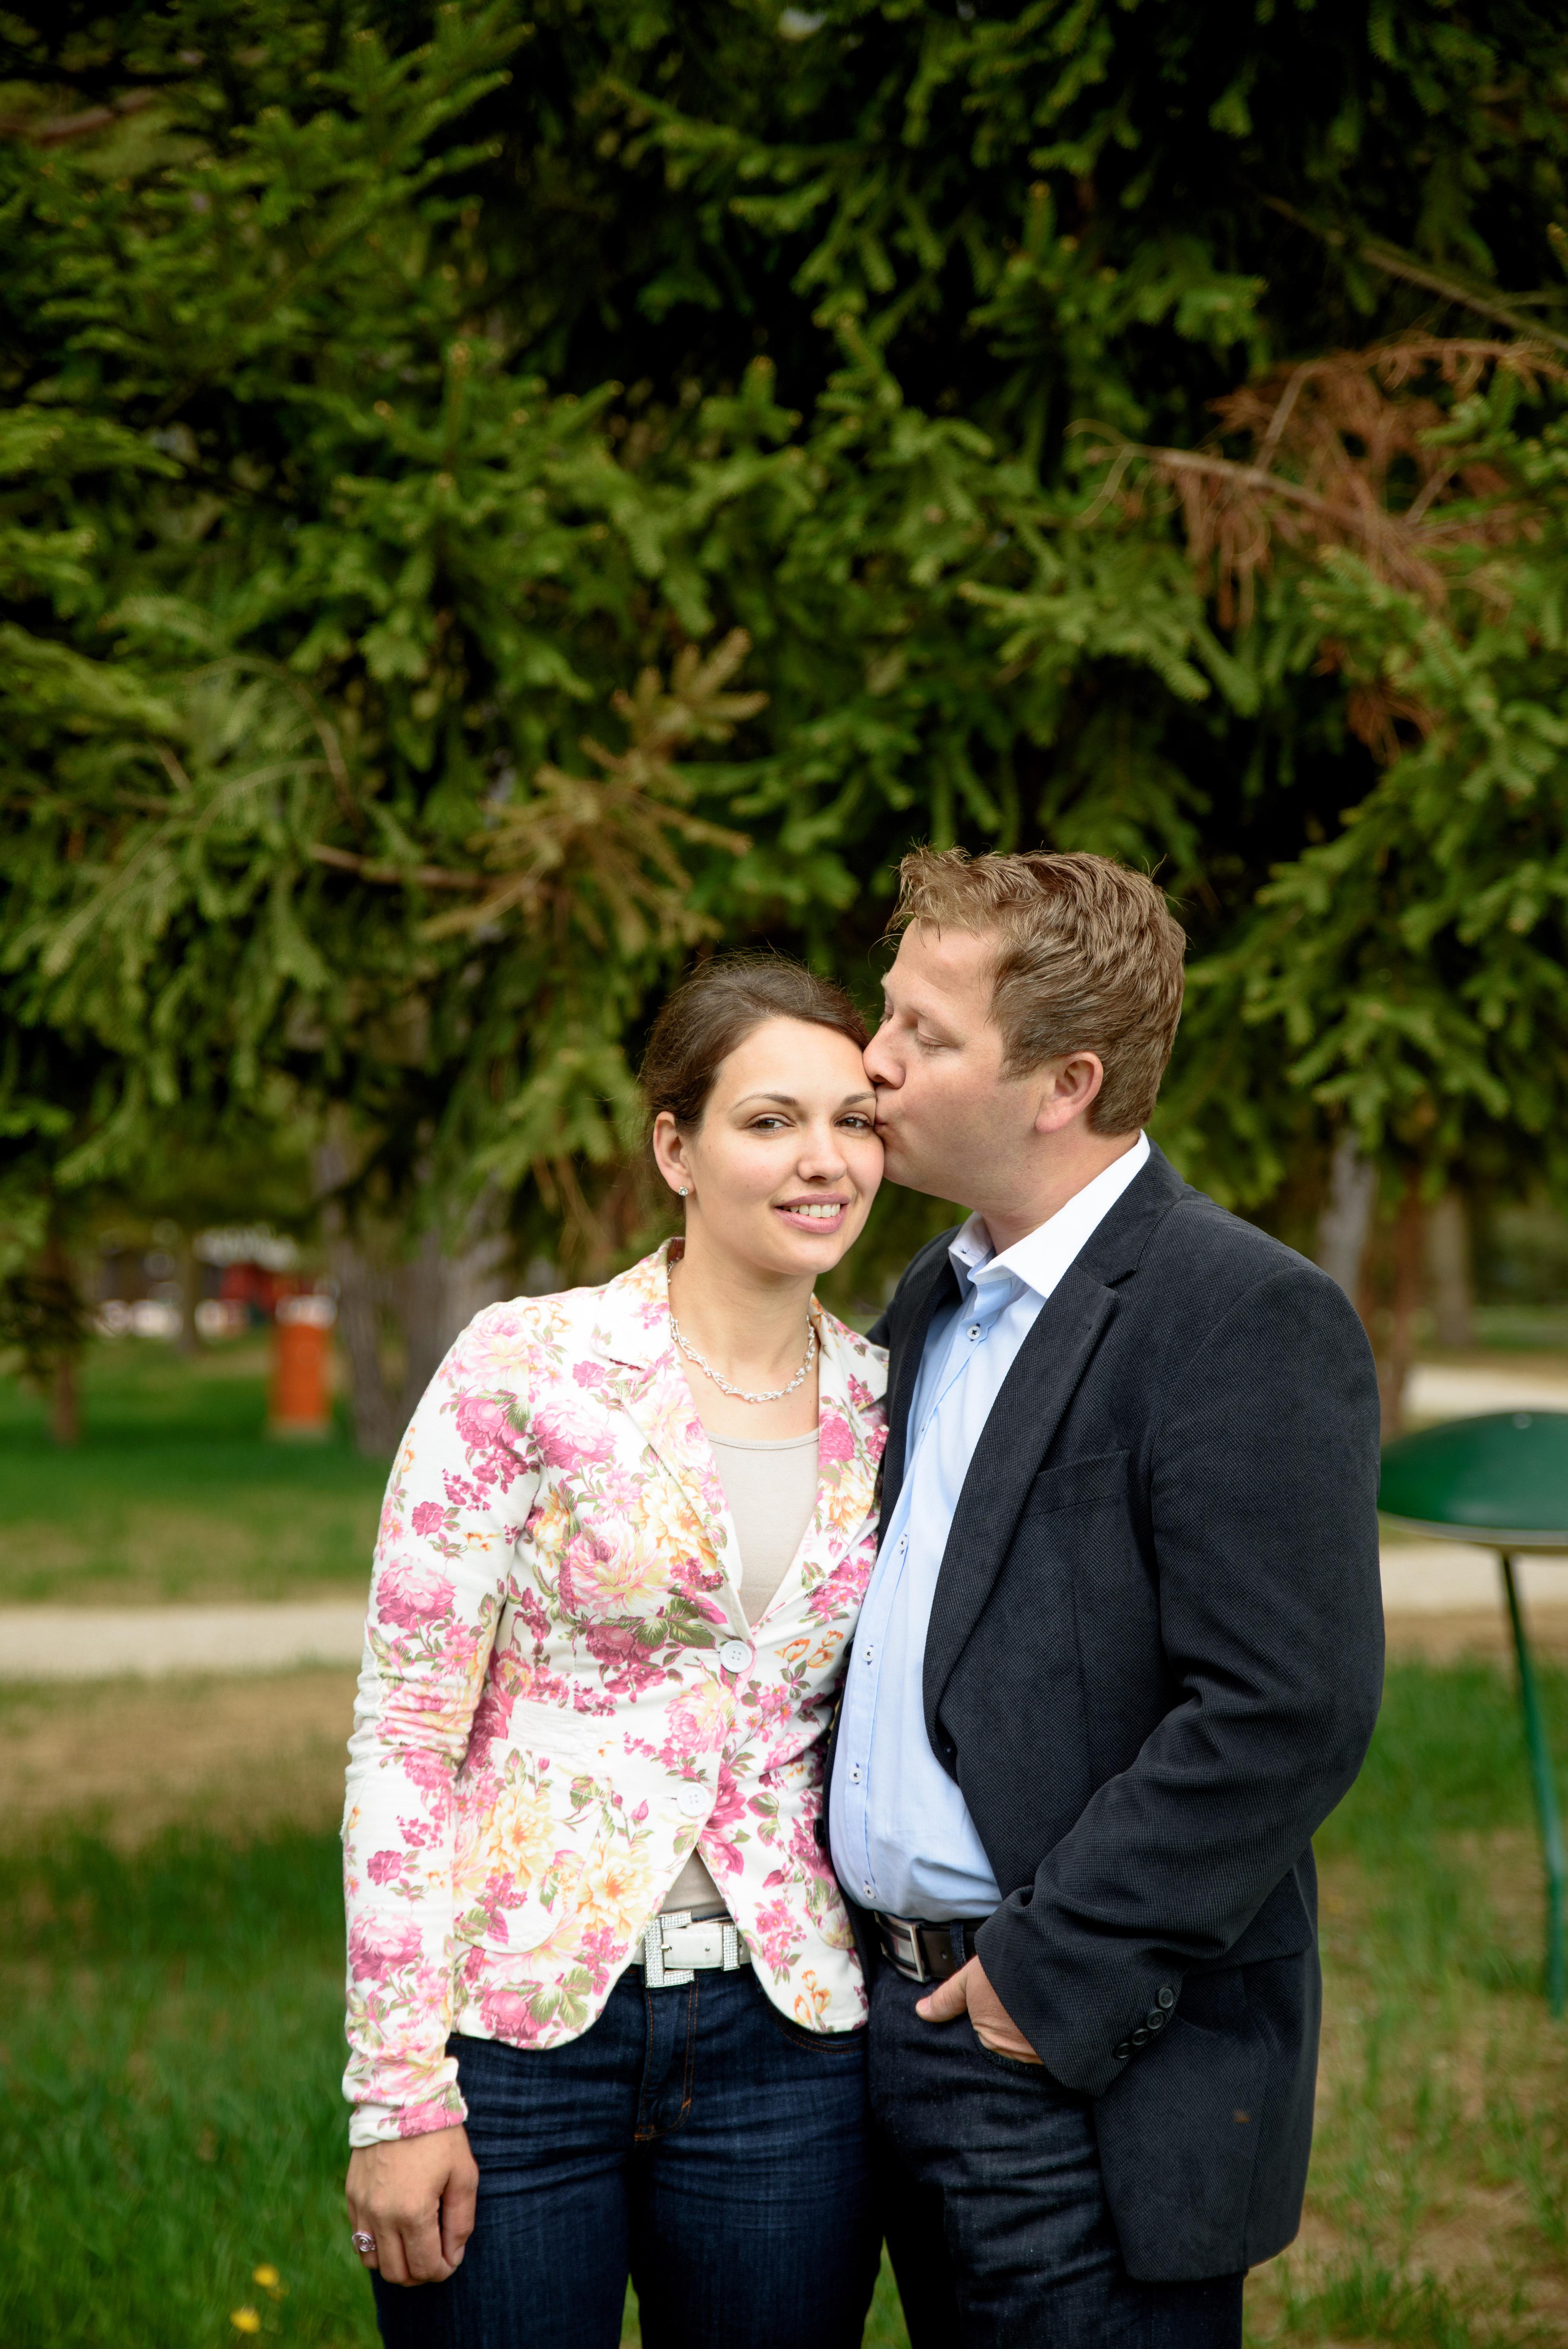 Lara & Nik & Tina & Boštjan